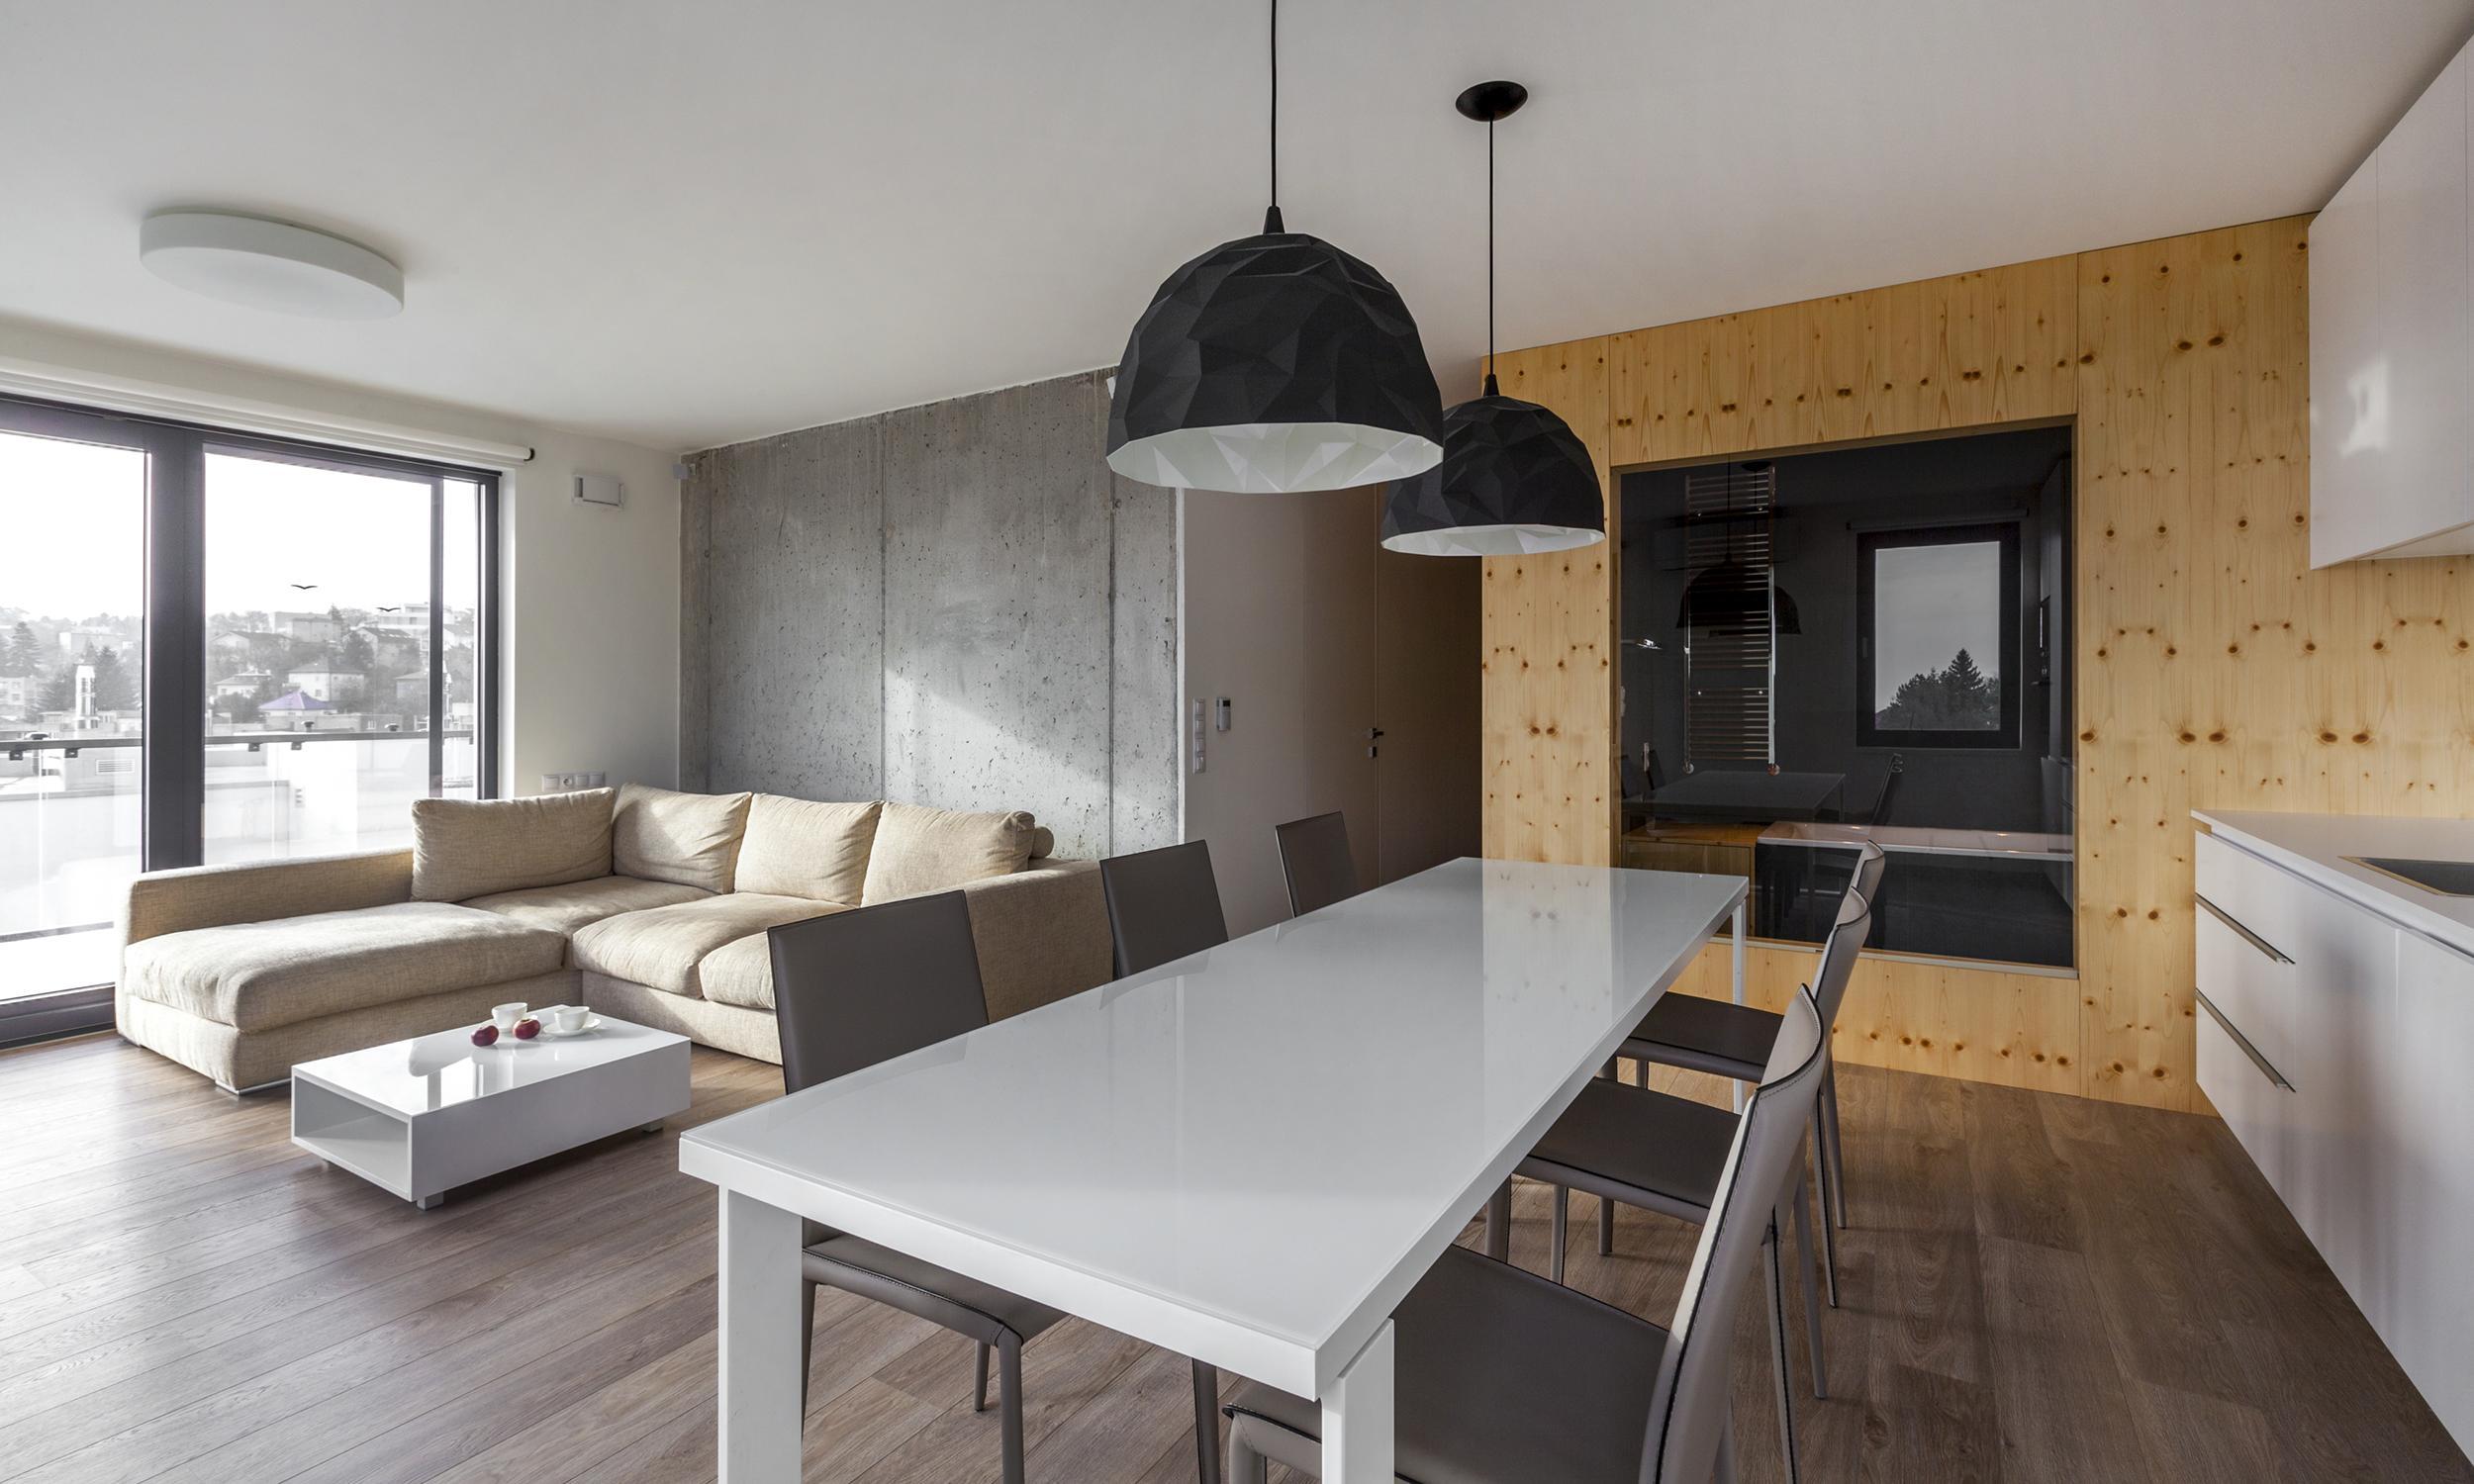 Drei zimmer wohnung mit einer betonwand bratislava - Betonwand wohnzimmer ...